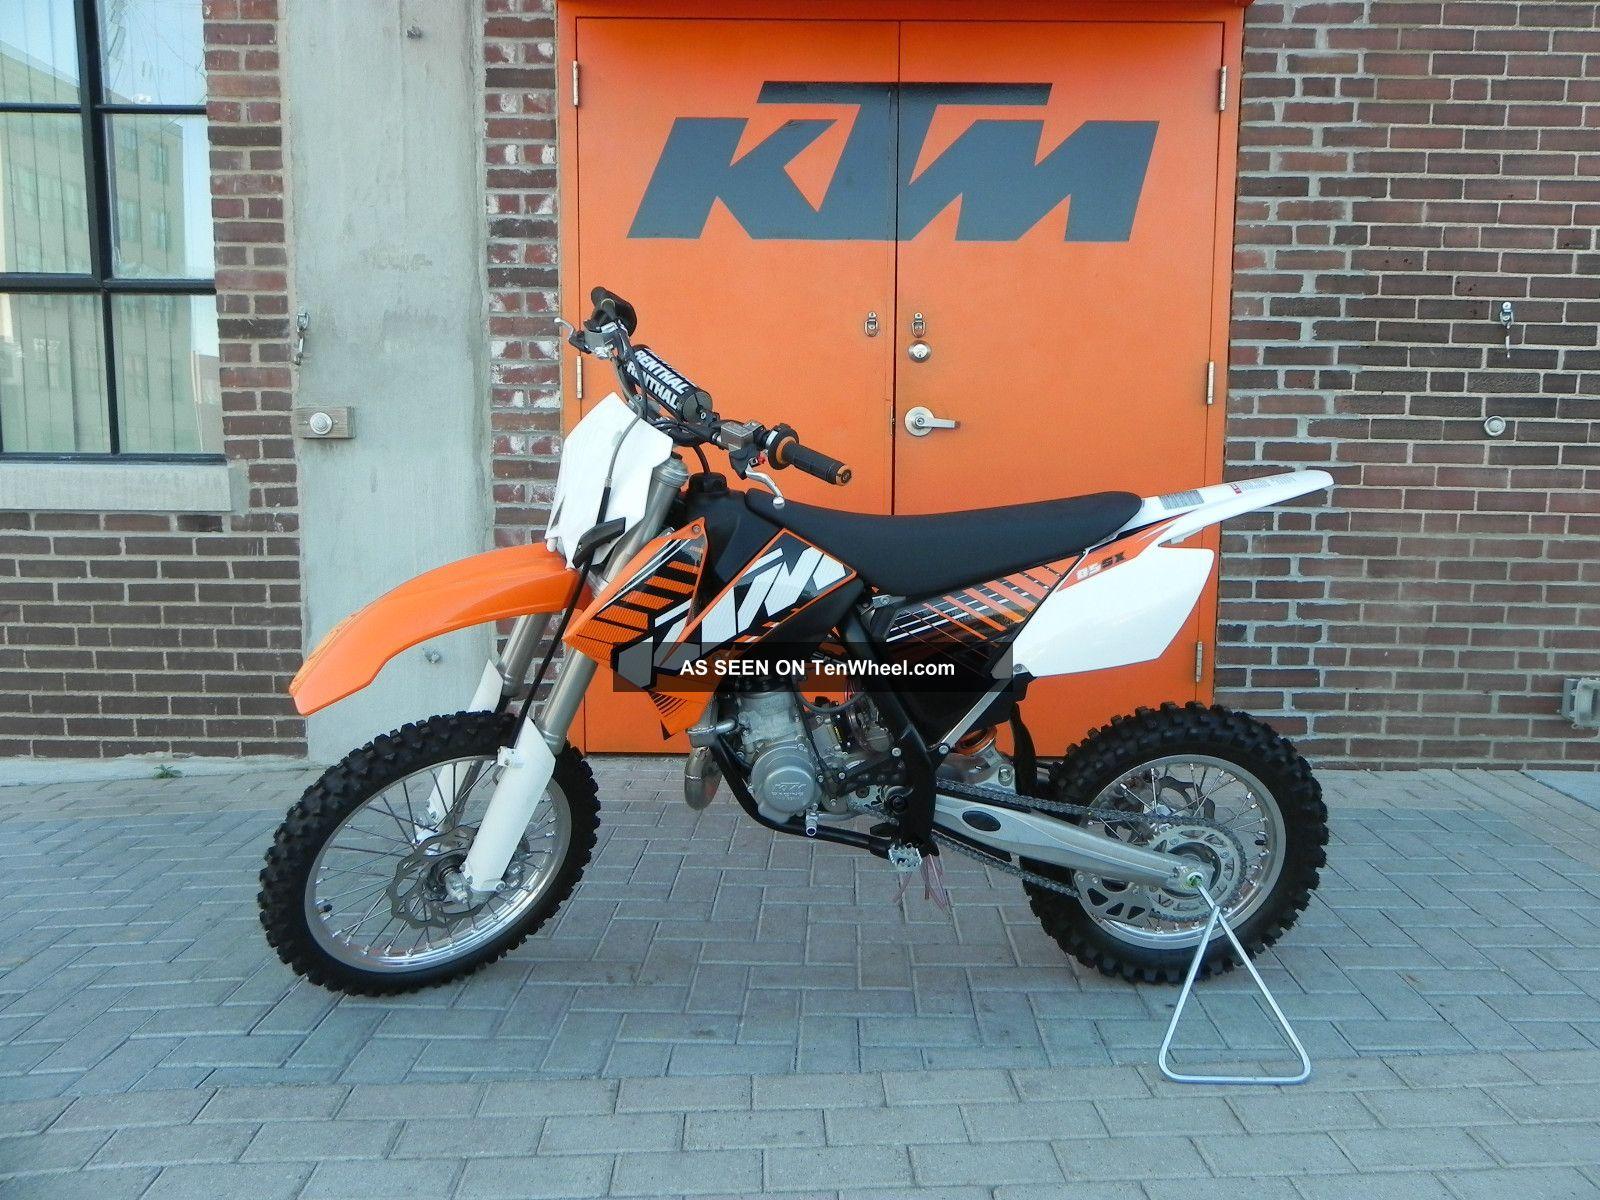 2012 Ktm 85sx - Never Prepped - Never Titled - Big SX photo